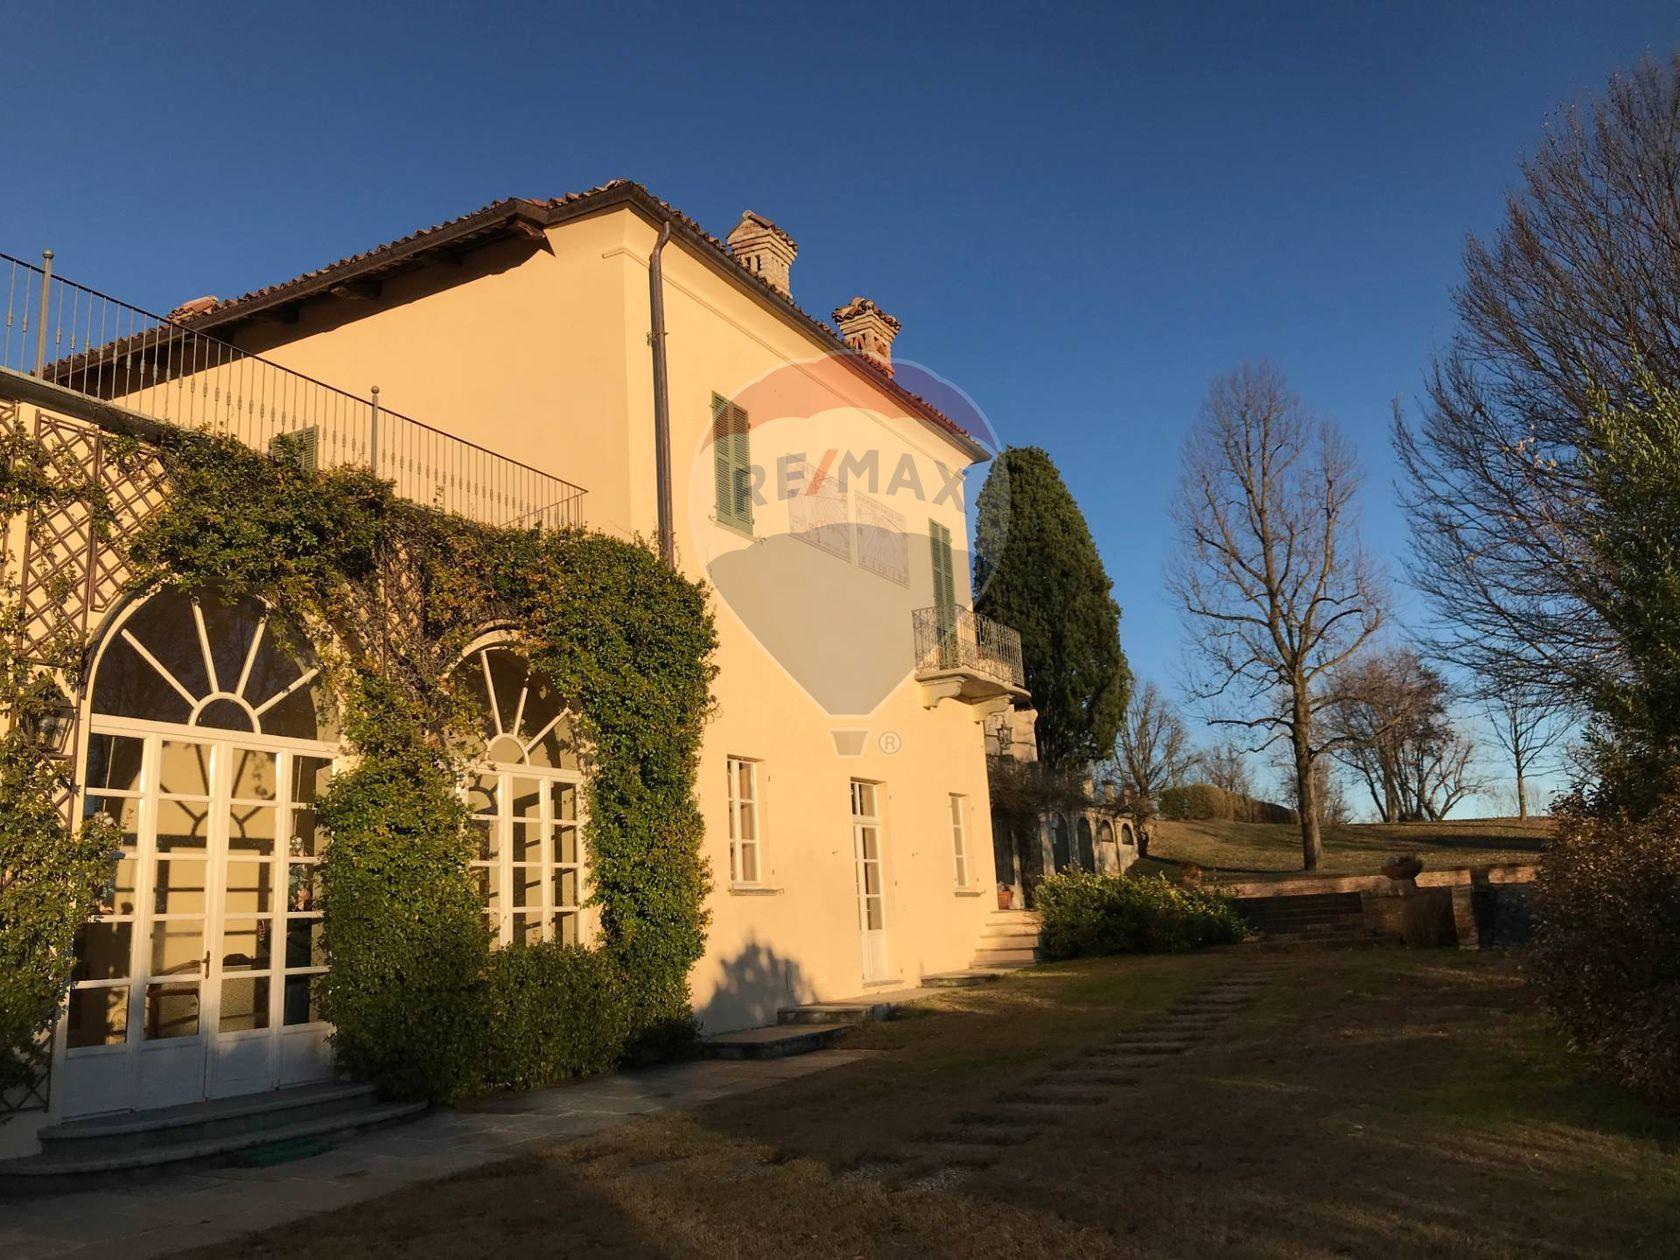 Appartamento Avuglione, Marentino, TO Vendita - Foto 36